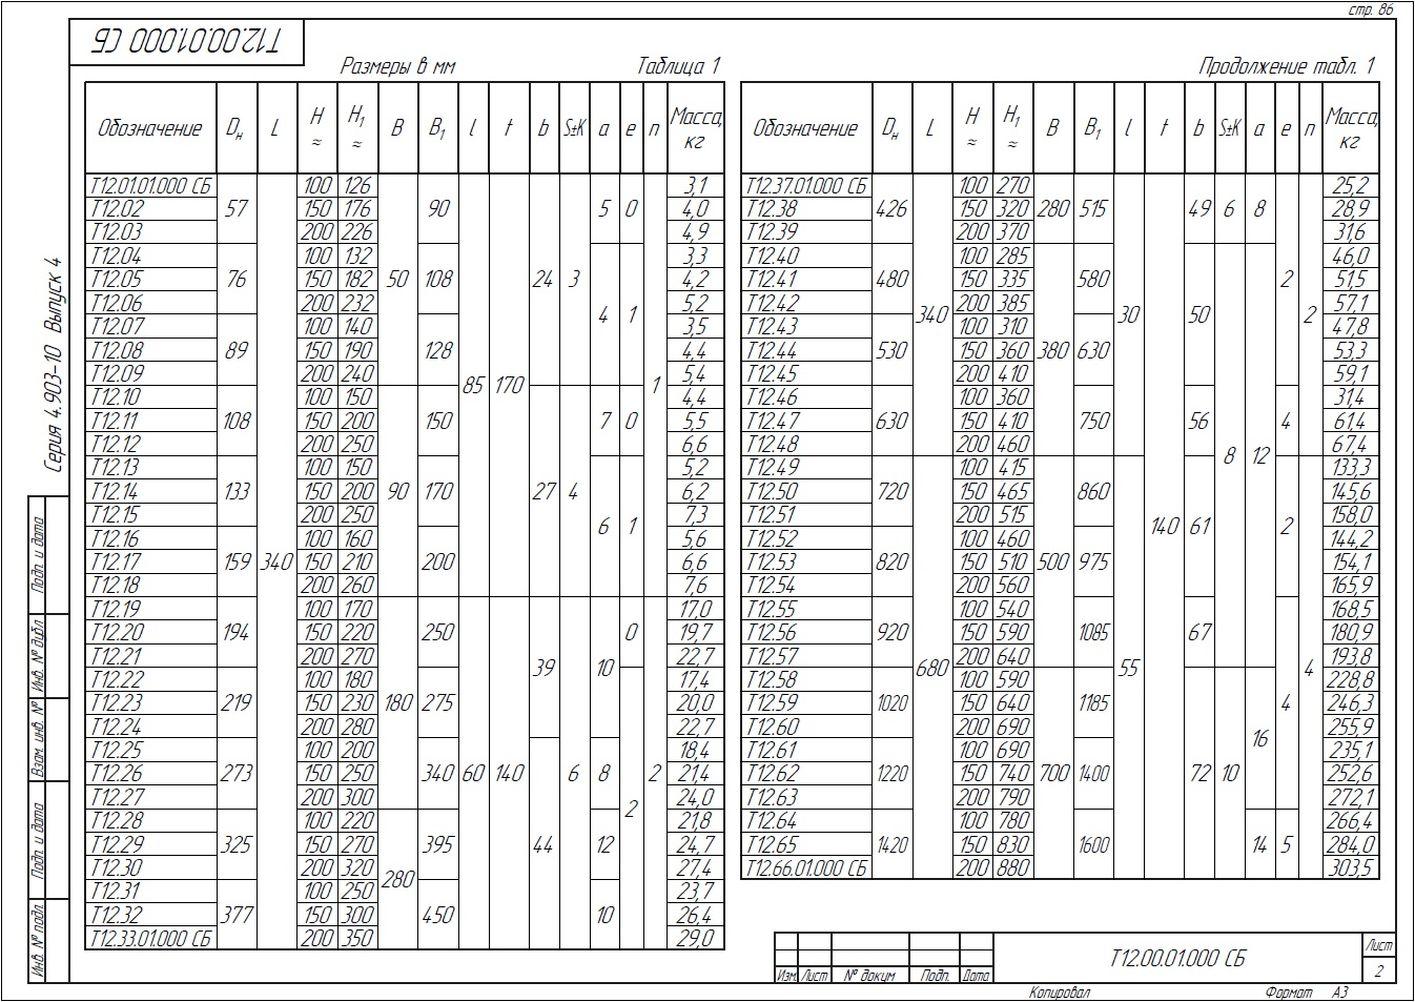 Опора неподвижная хомутовая Т12 серия 4.903-10 вып.4 стр.7